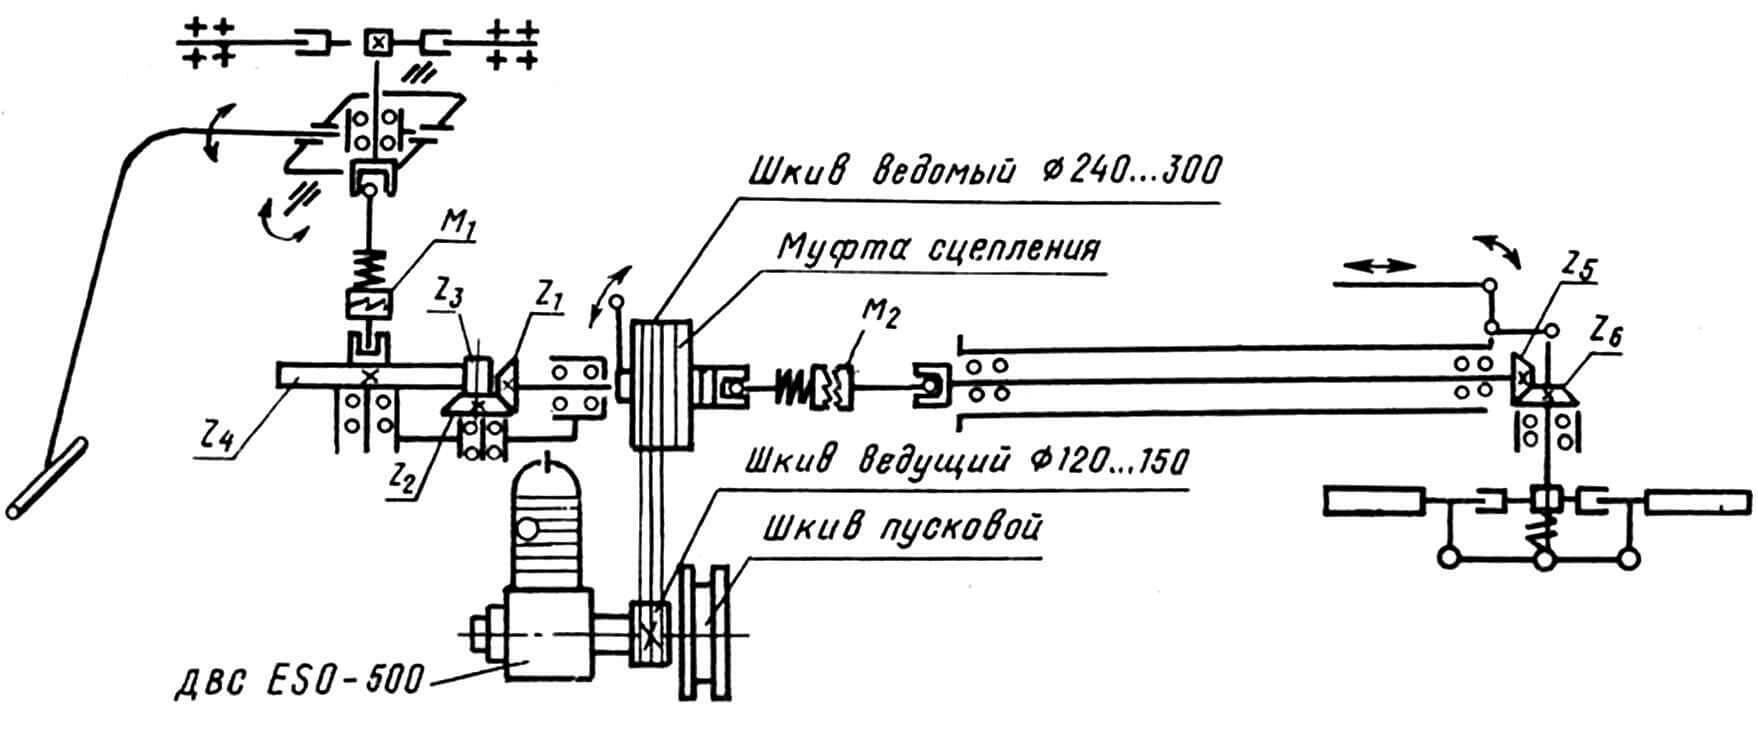 Рис. 4. Кинематическая схема вертолета-стенда НГУ-3.